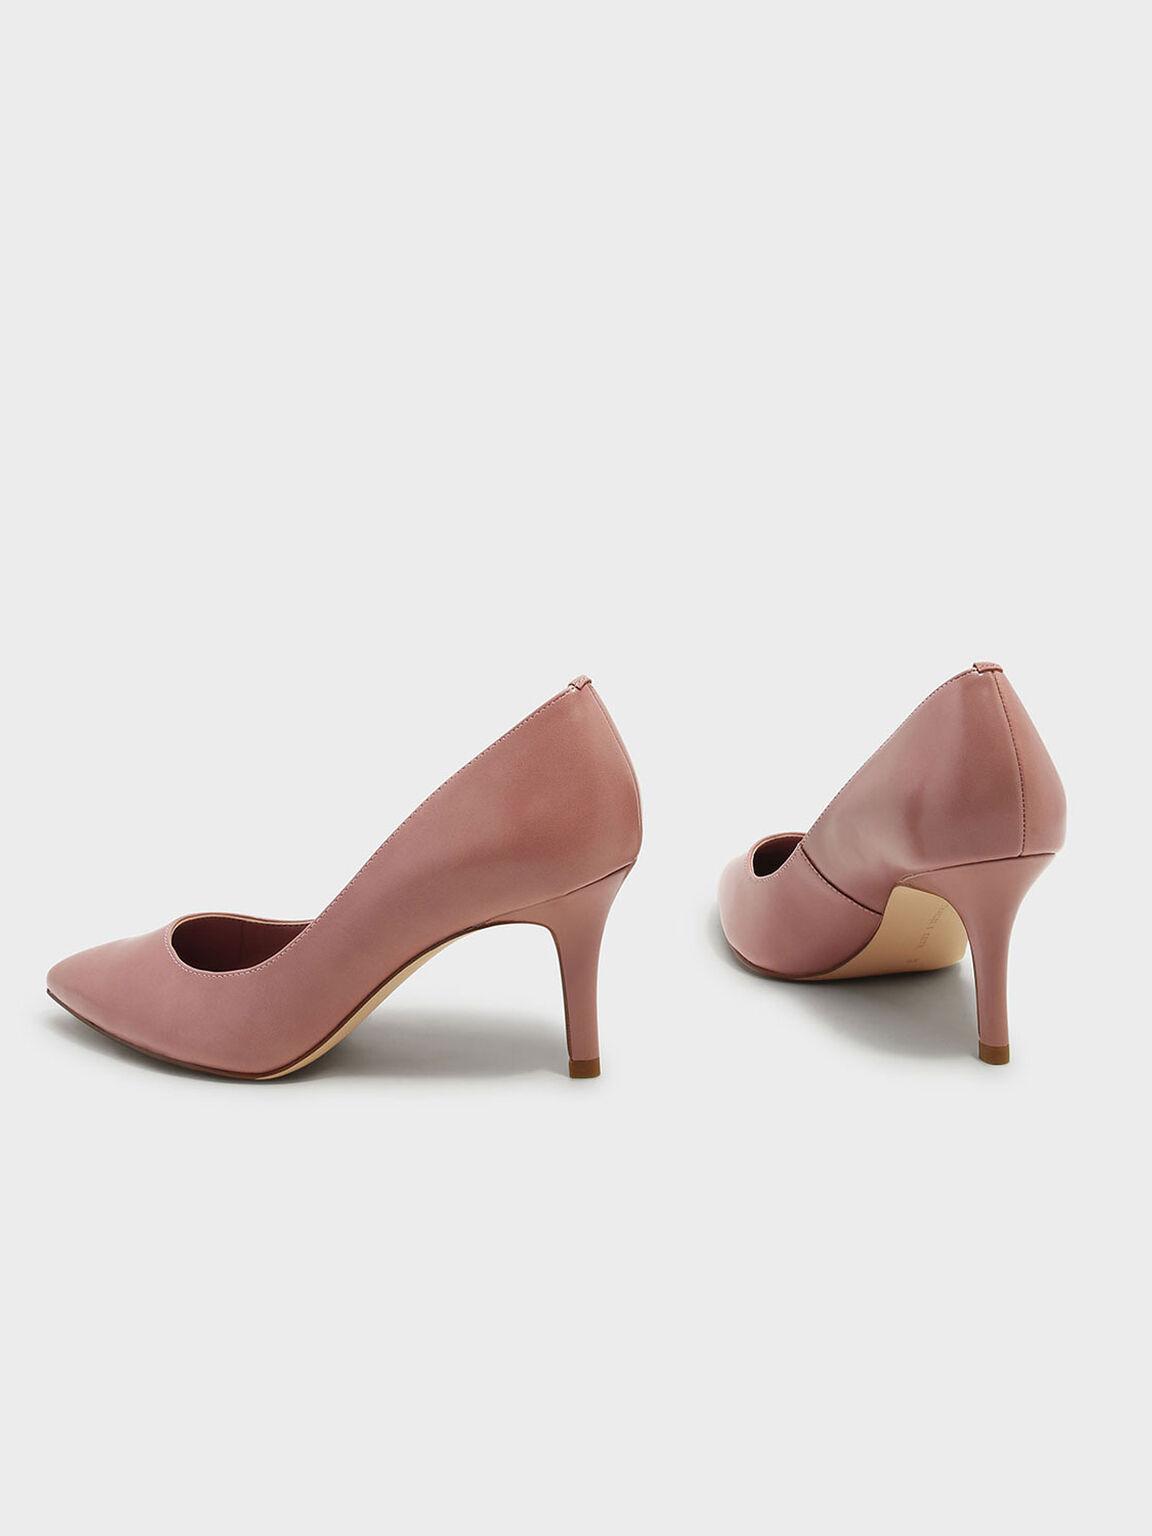 Basic Pointed Pumps, Pink, hi-res